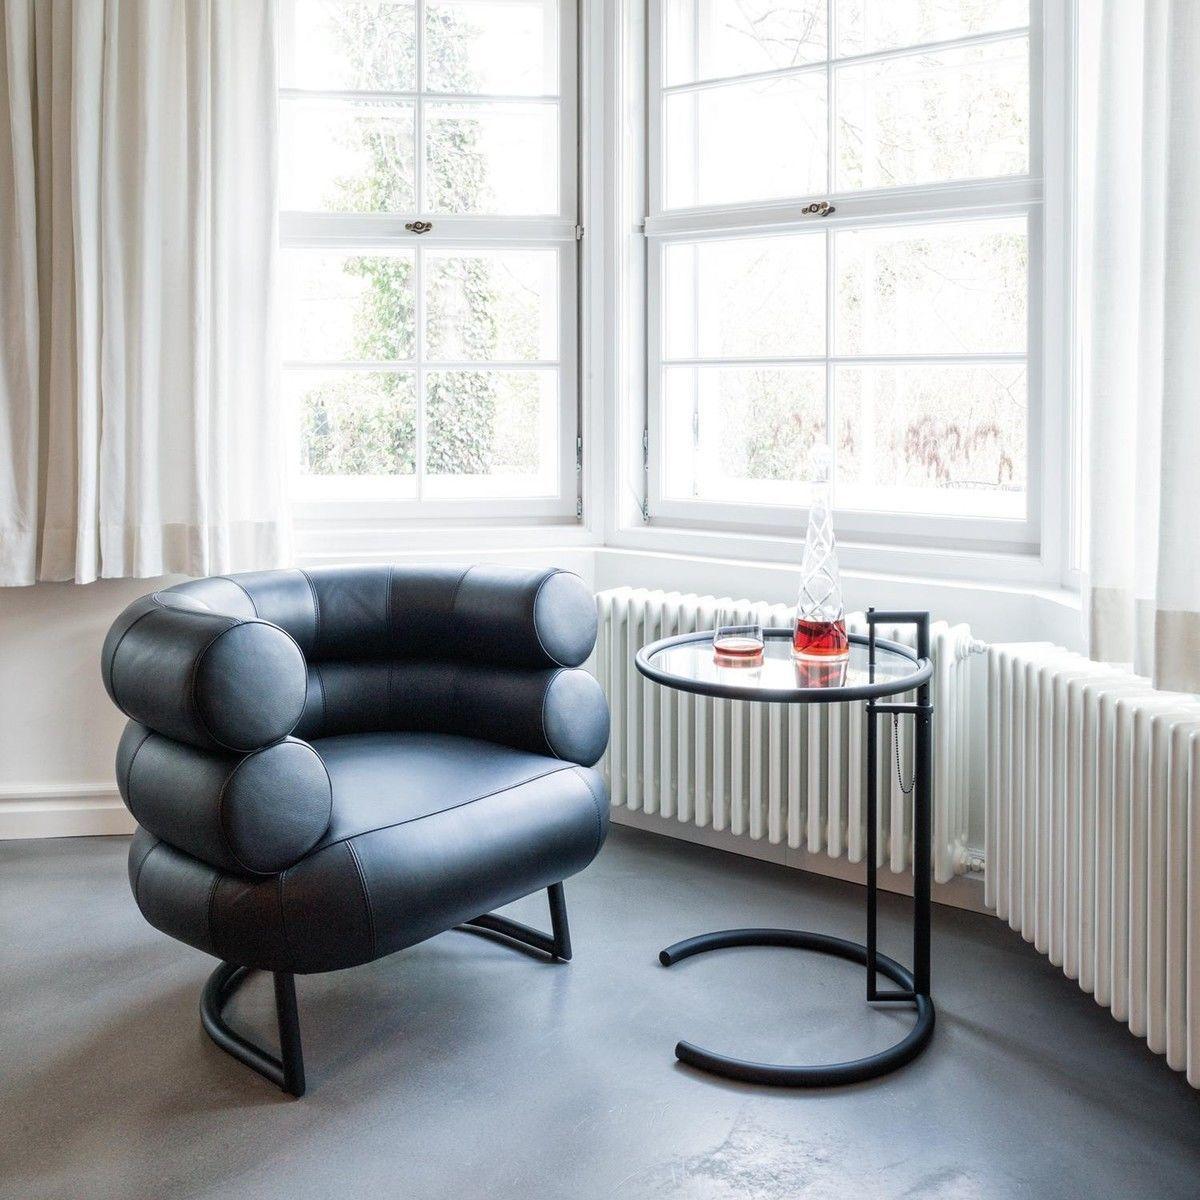 Adjustable table e 1027 beistelltisch schwarz classicon for Beistelltisch klassiker